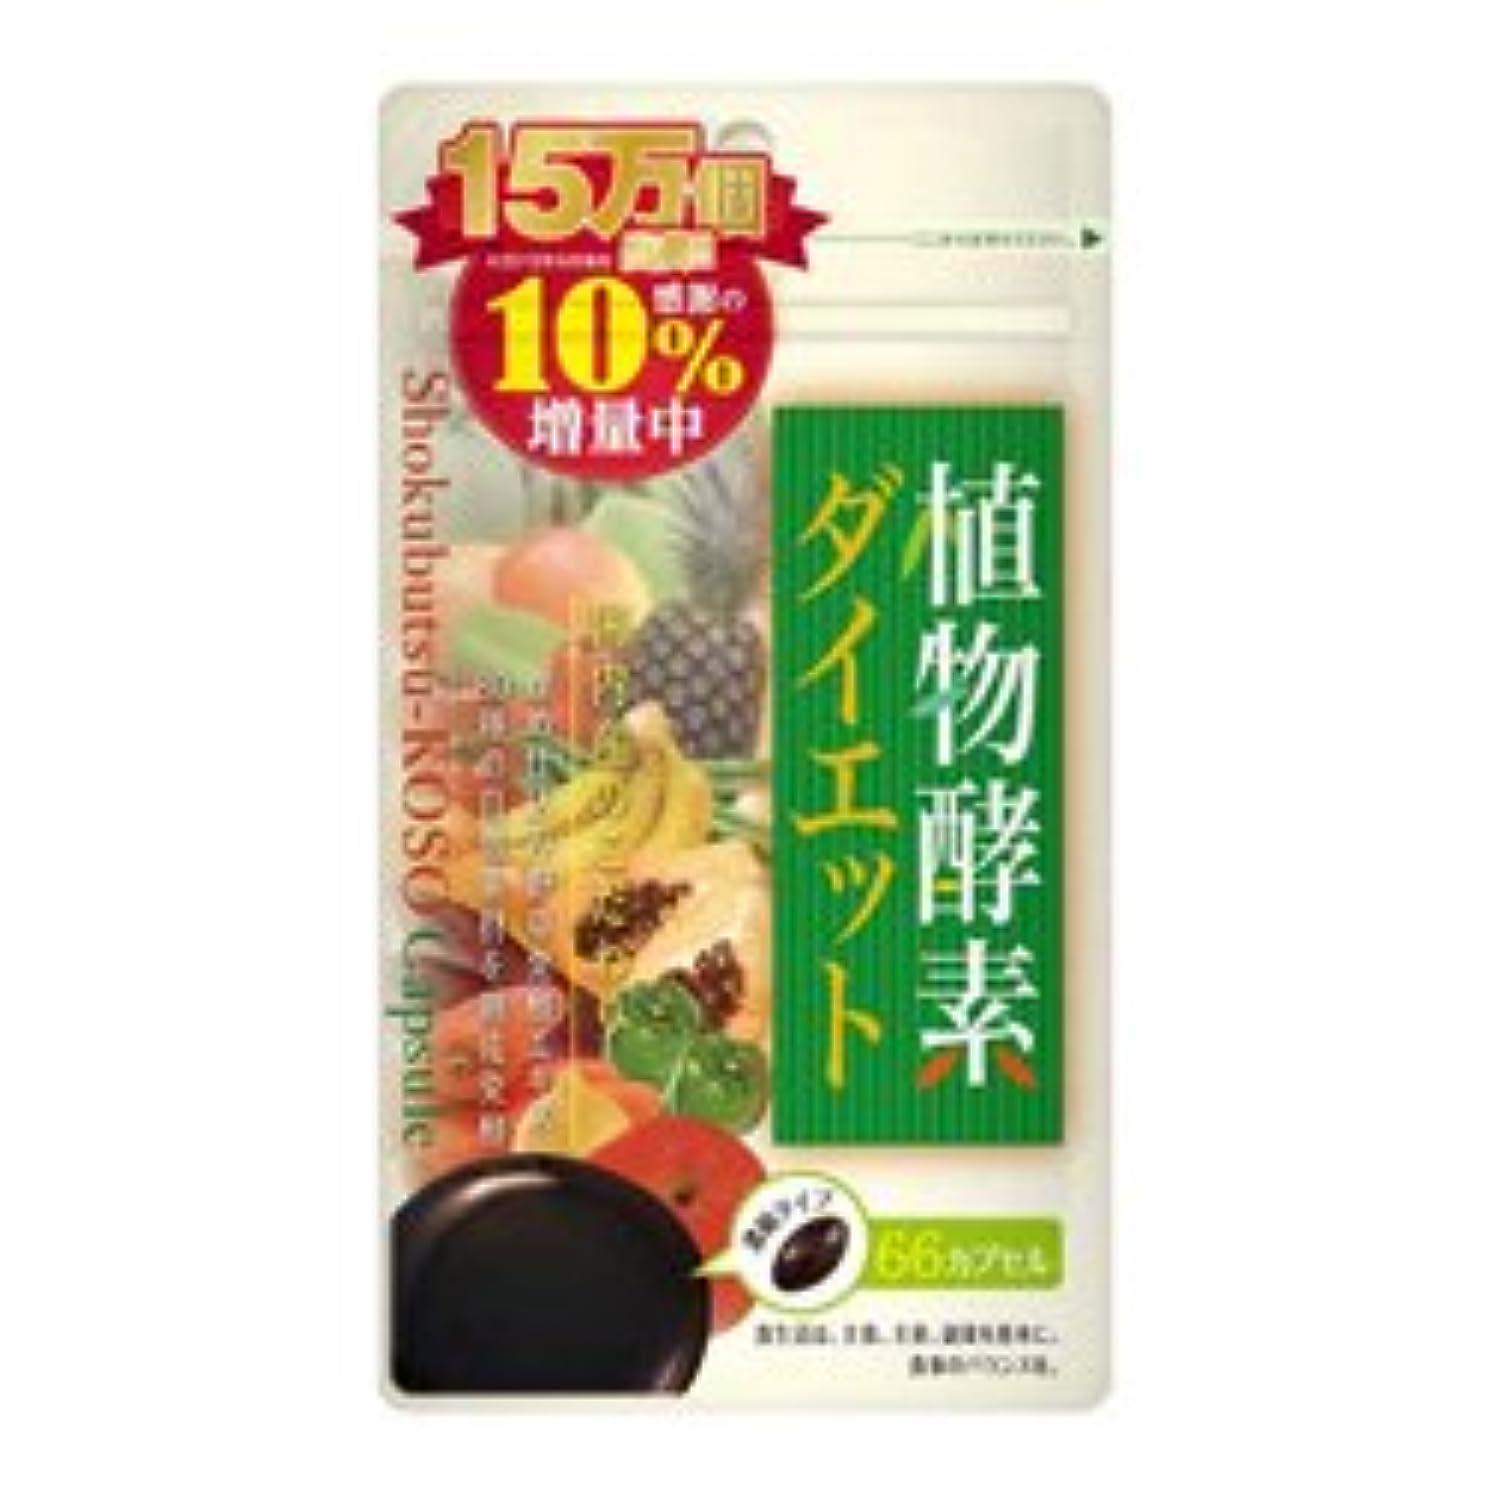 見分けるシンカン偶然の【ウエルネスジャパン】植物酵素ダイエット 66カプセル ×3個セット